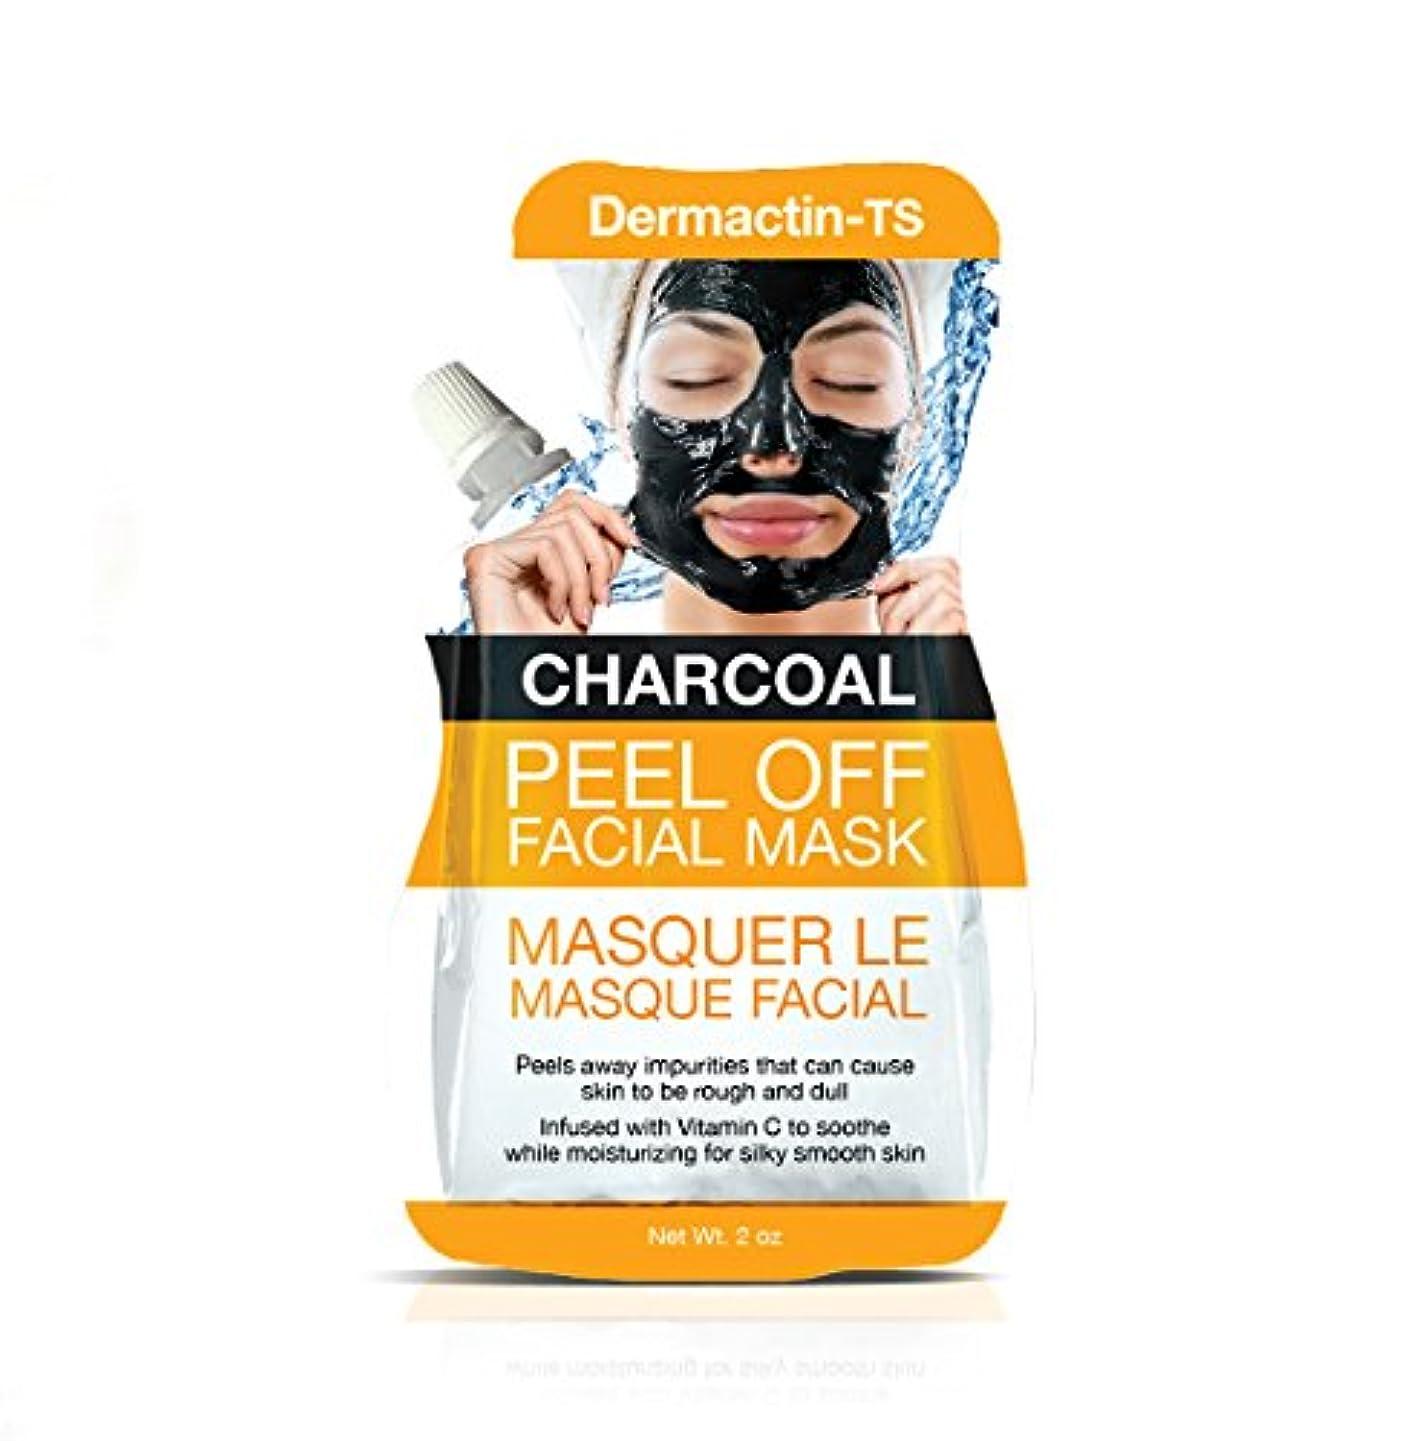 はしご眼ビットDermactin-TS フェイシャルマスクチャコール50g(4パック) (並行輸入品)